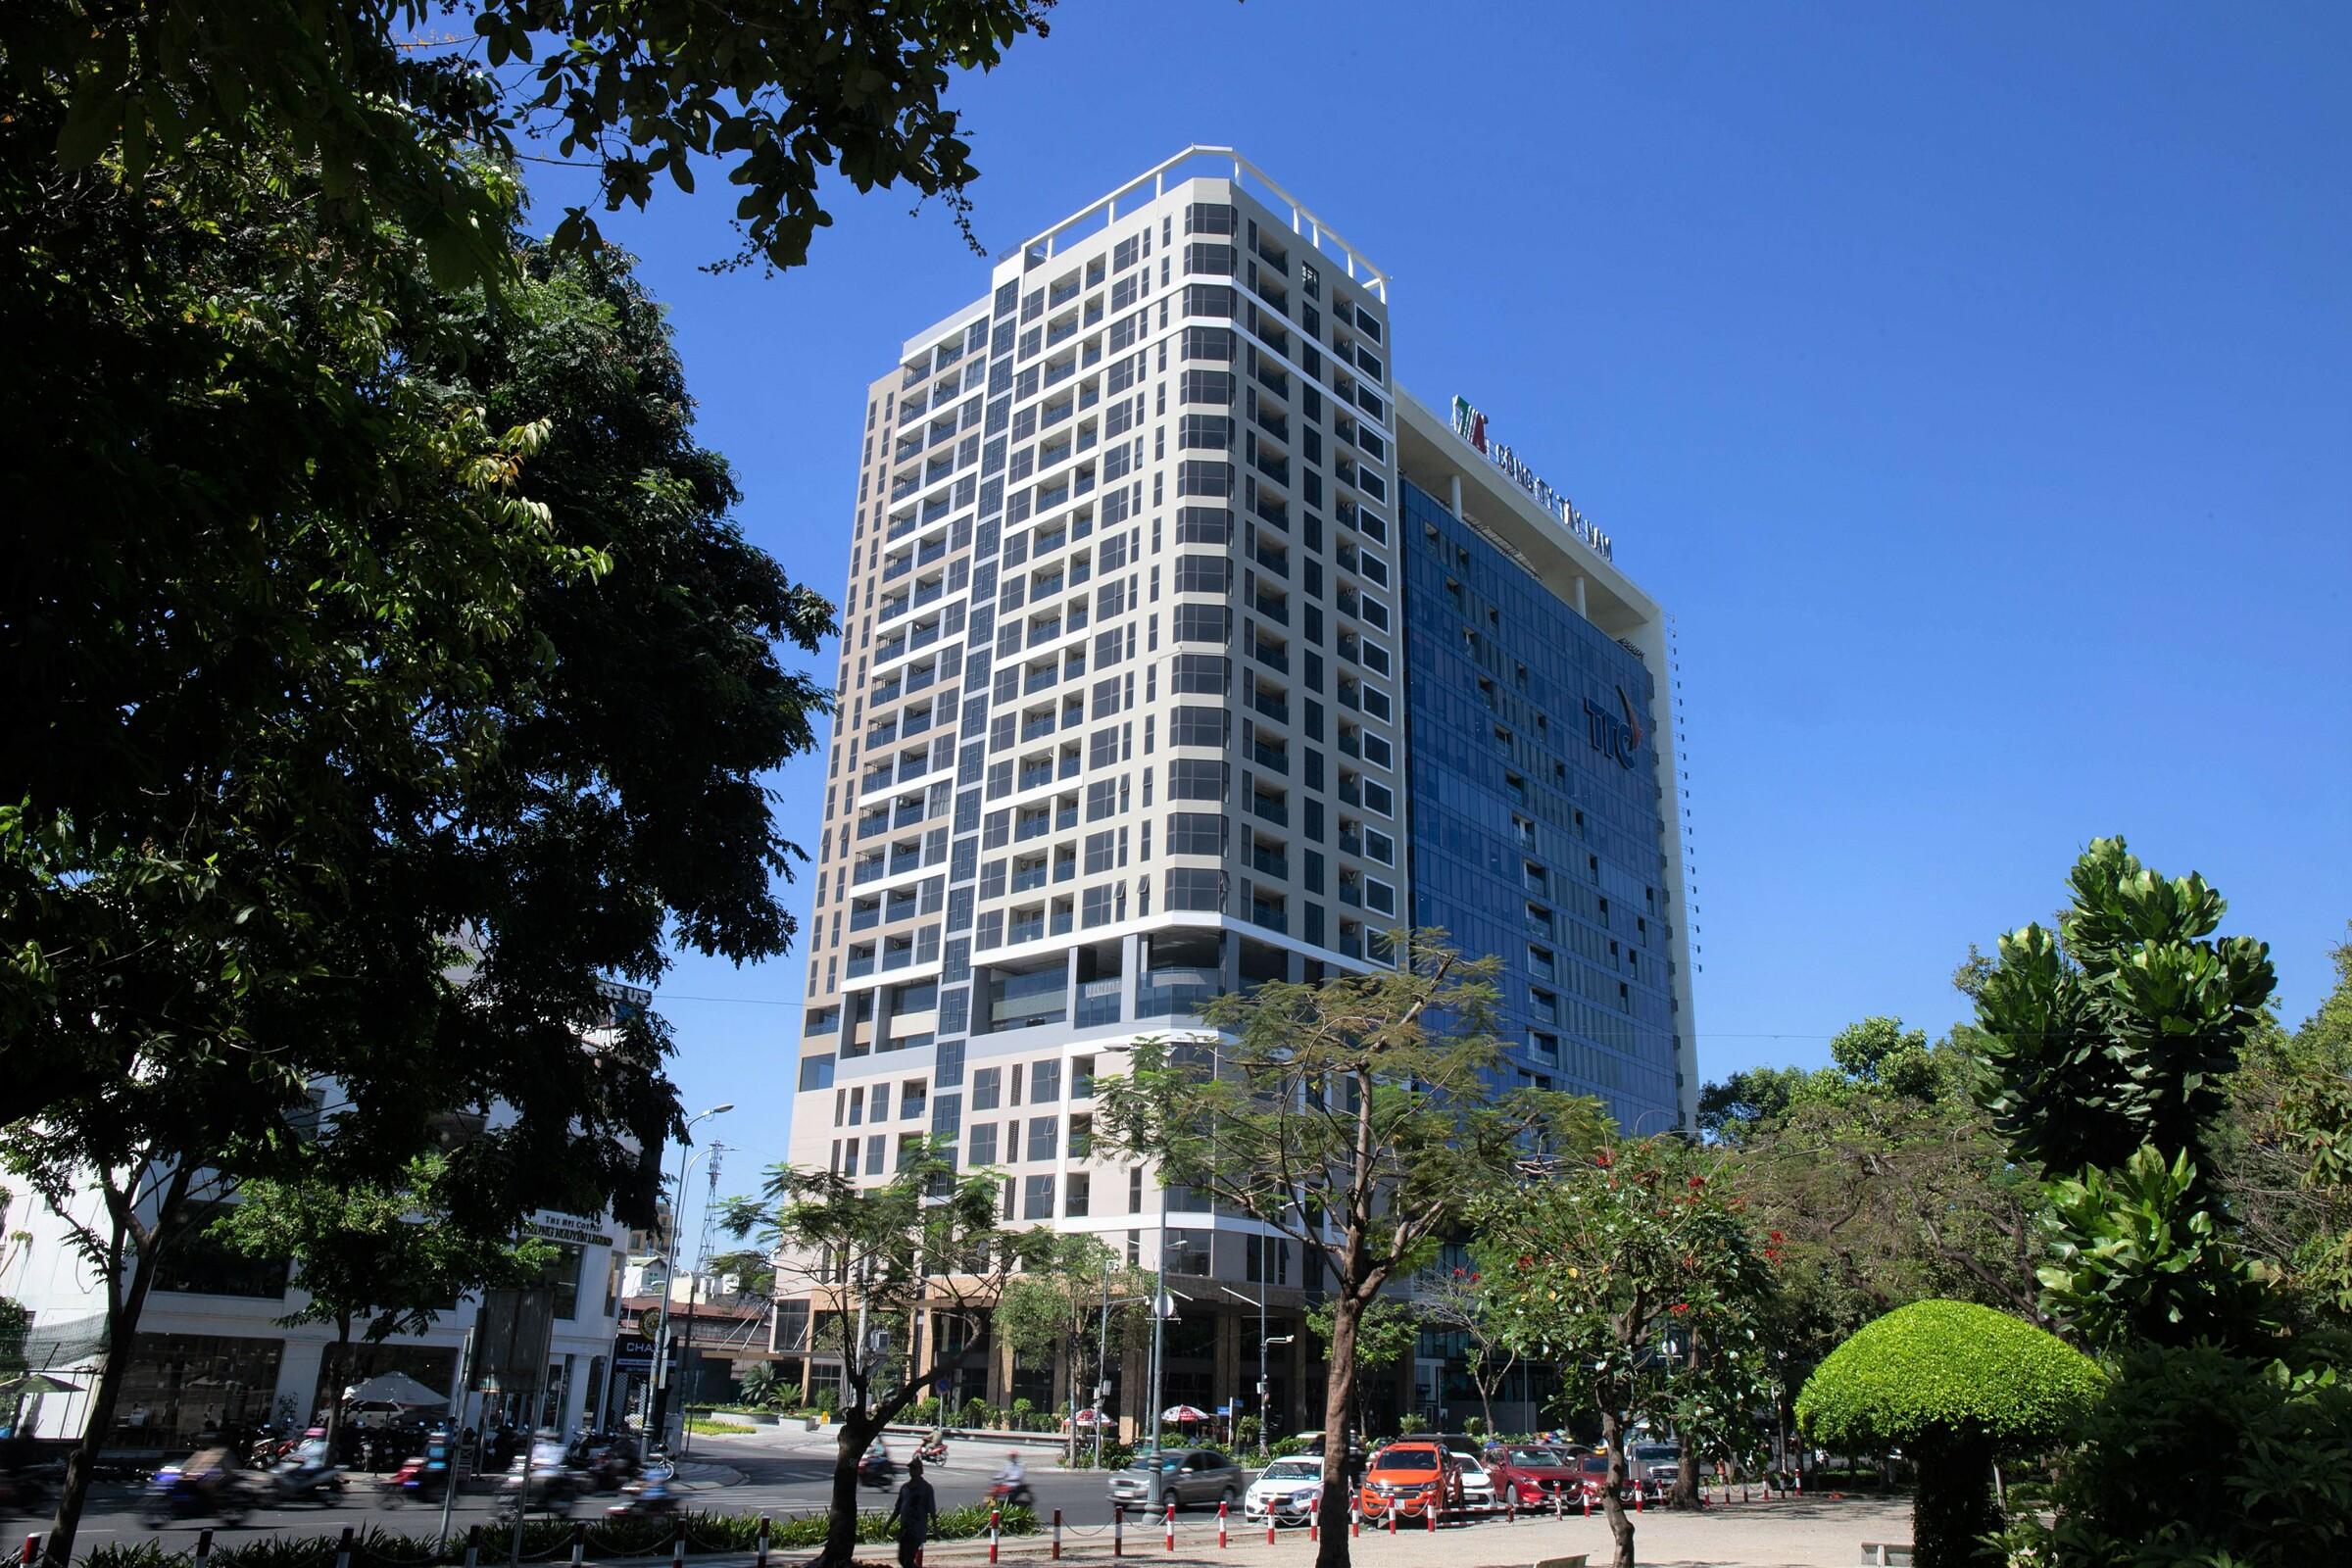 Tân Bình ICC chào bán căn hộ hoàn thiện Park Legend